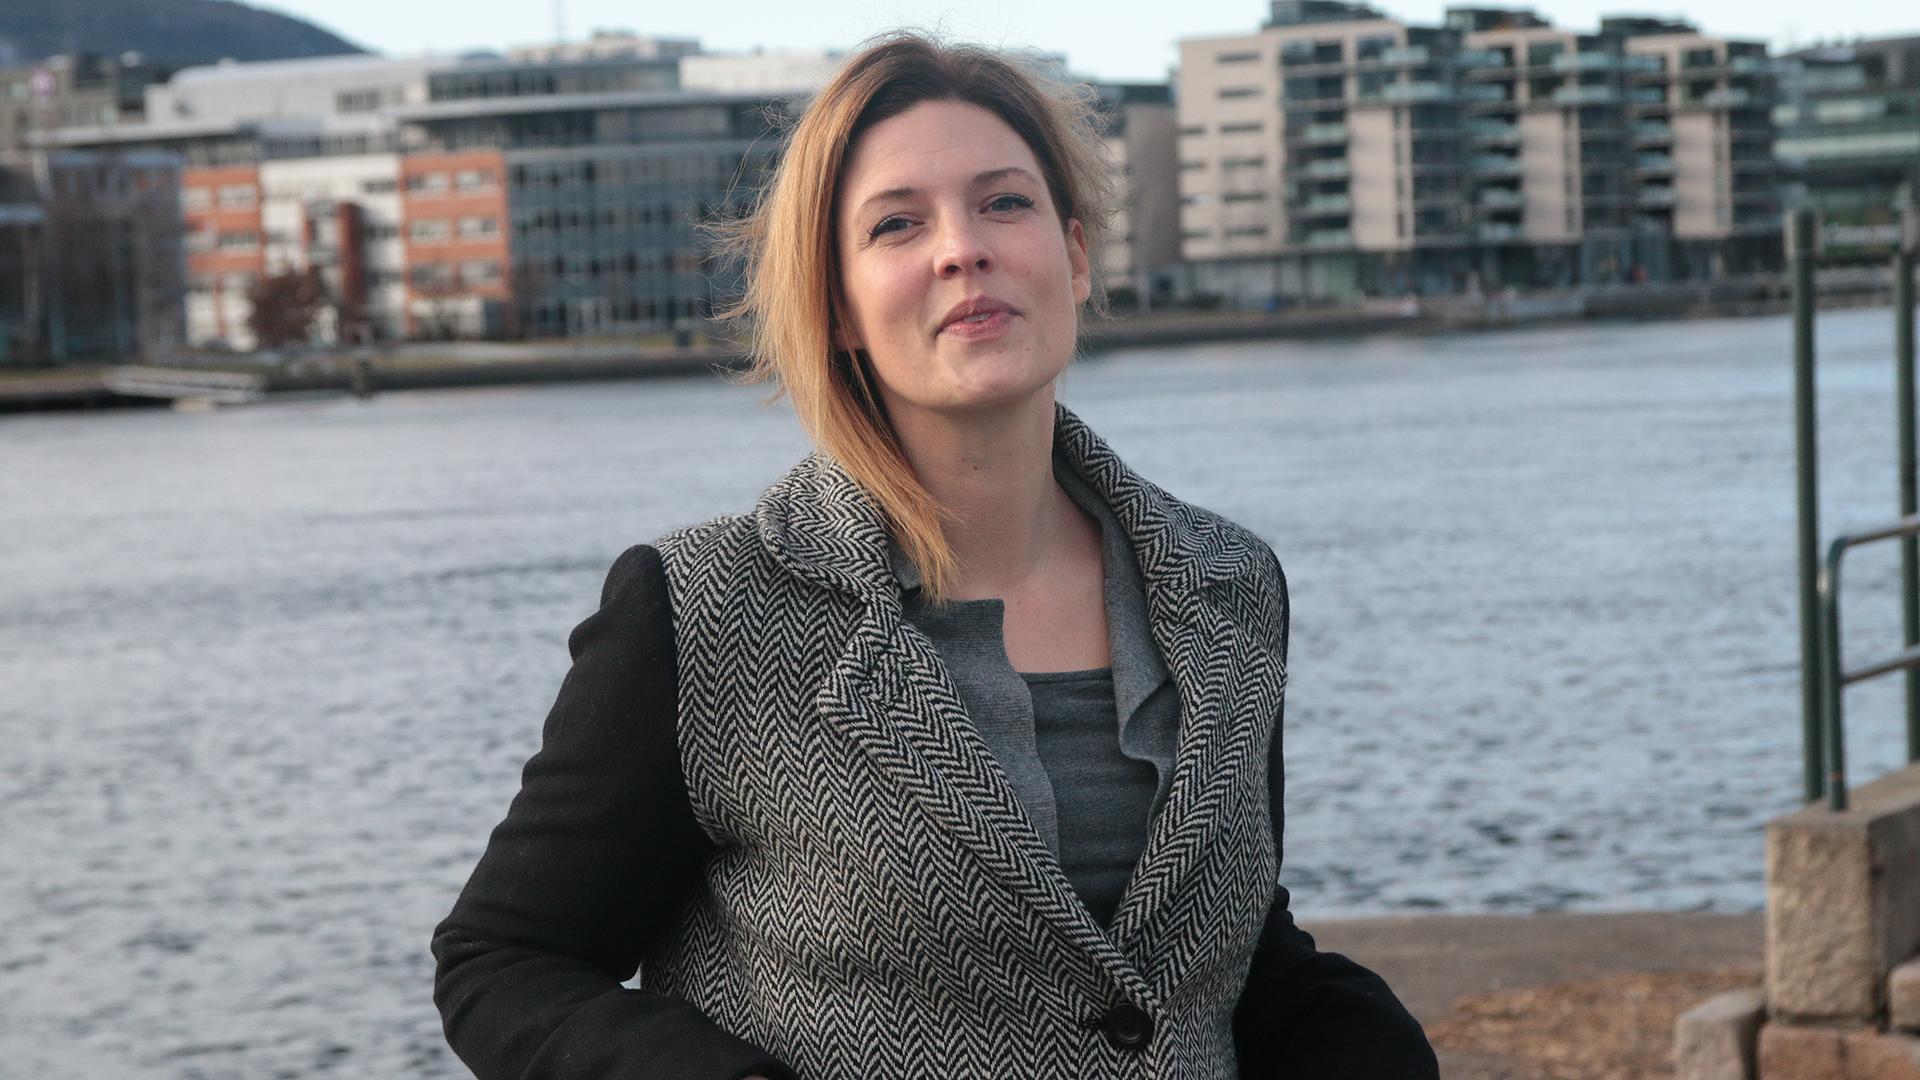 Kjersti Linneberg har hatt ansvaret for flere prosjekter innen e-helse i Drammen og Kongsberg. Nå deler hun sine erfaringer med deltagerne på Teknisk Ukeblad og Digis e-helse-konferanse.